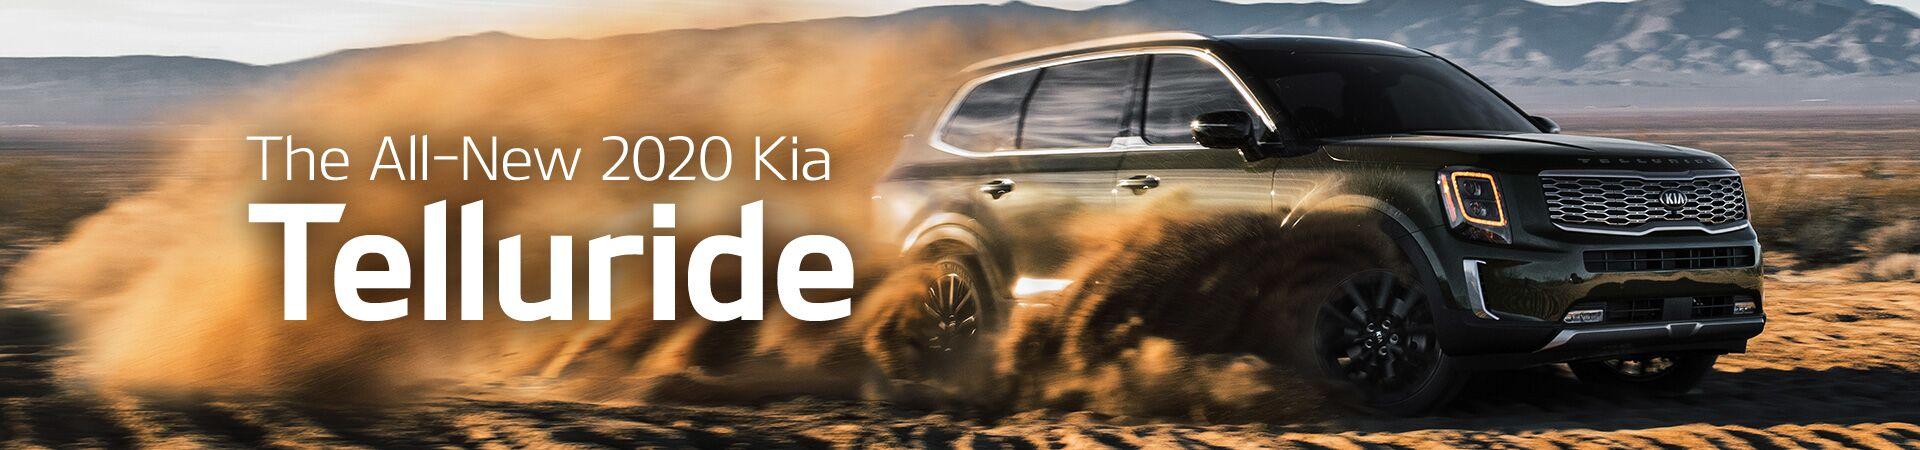 Mankato Car Dealers >> Kia Dealership Mankato Mn Used Cars Kia Of Mankato